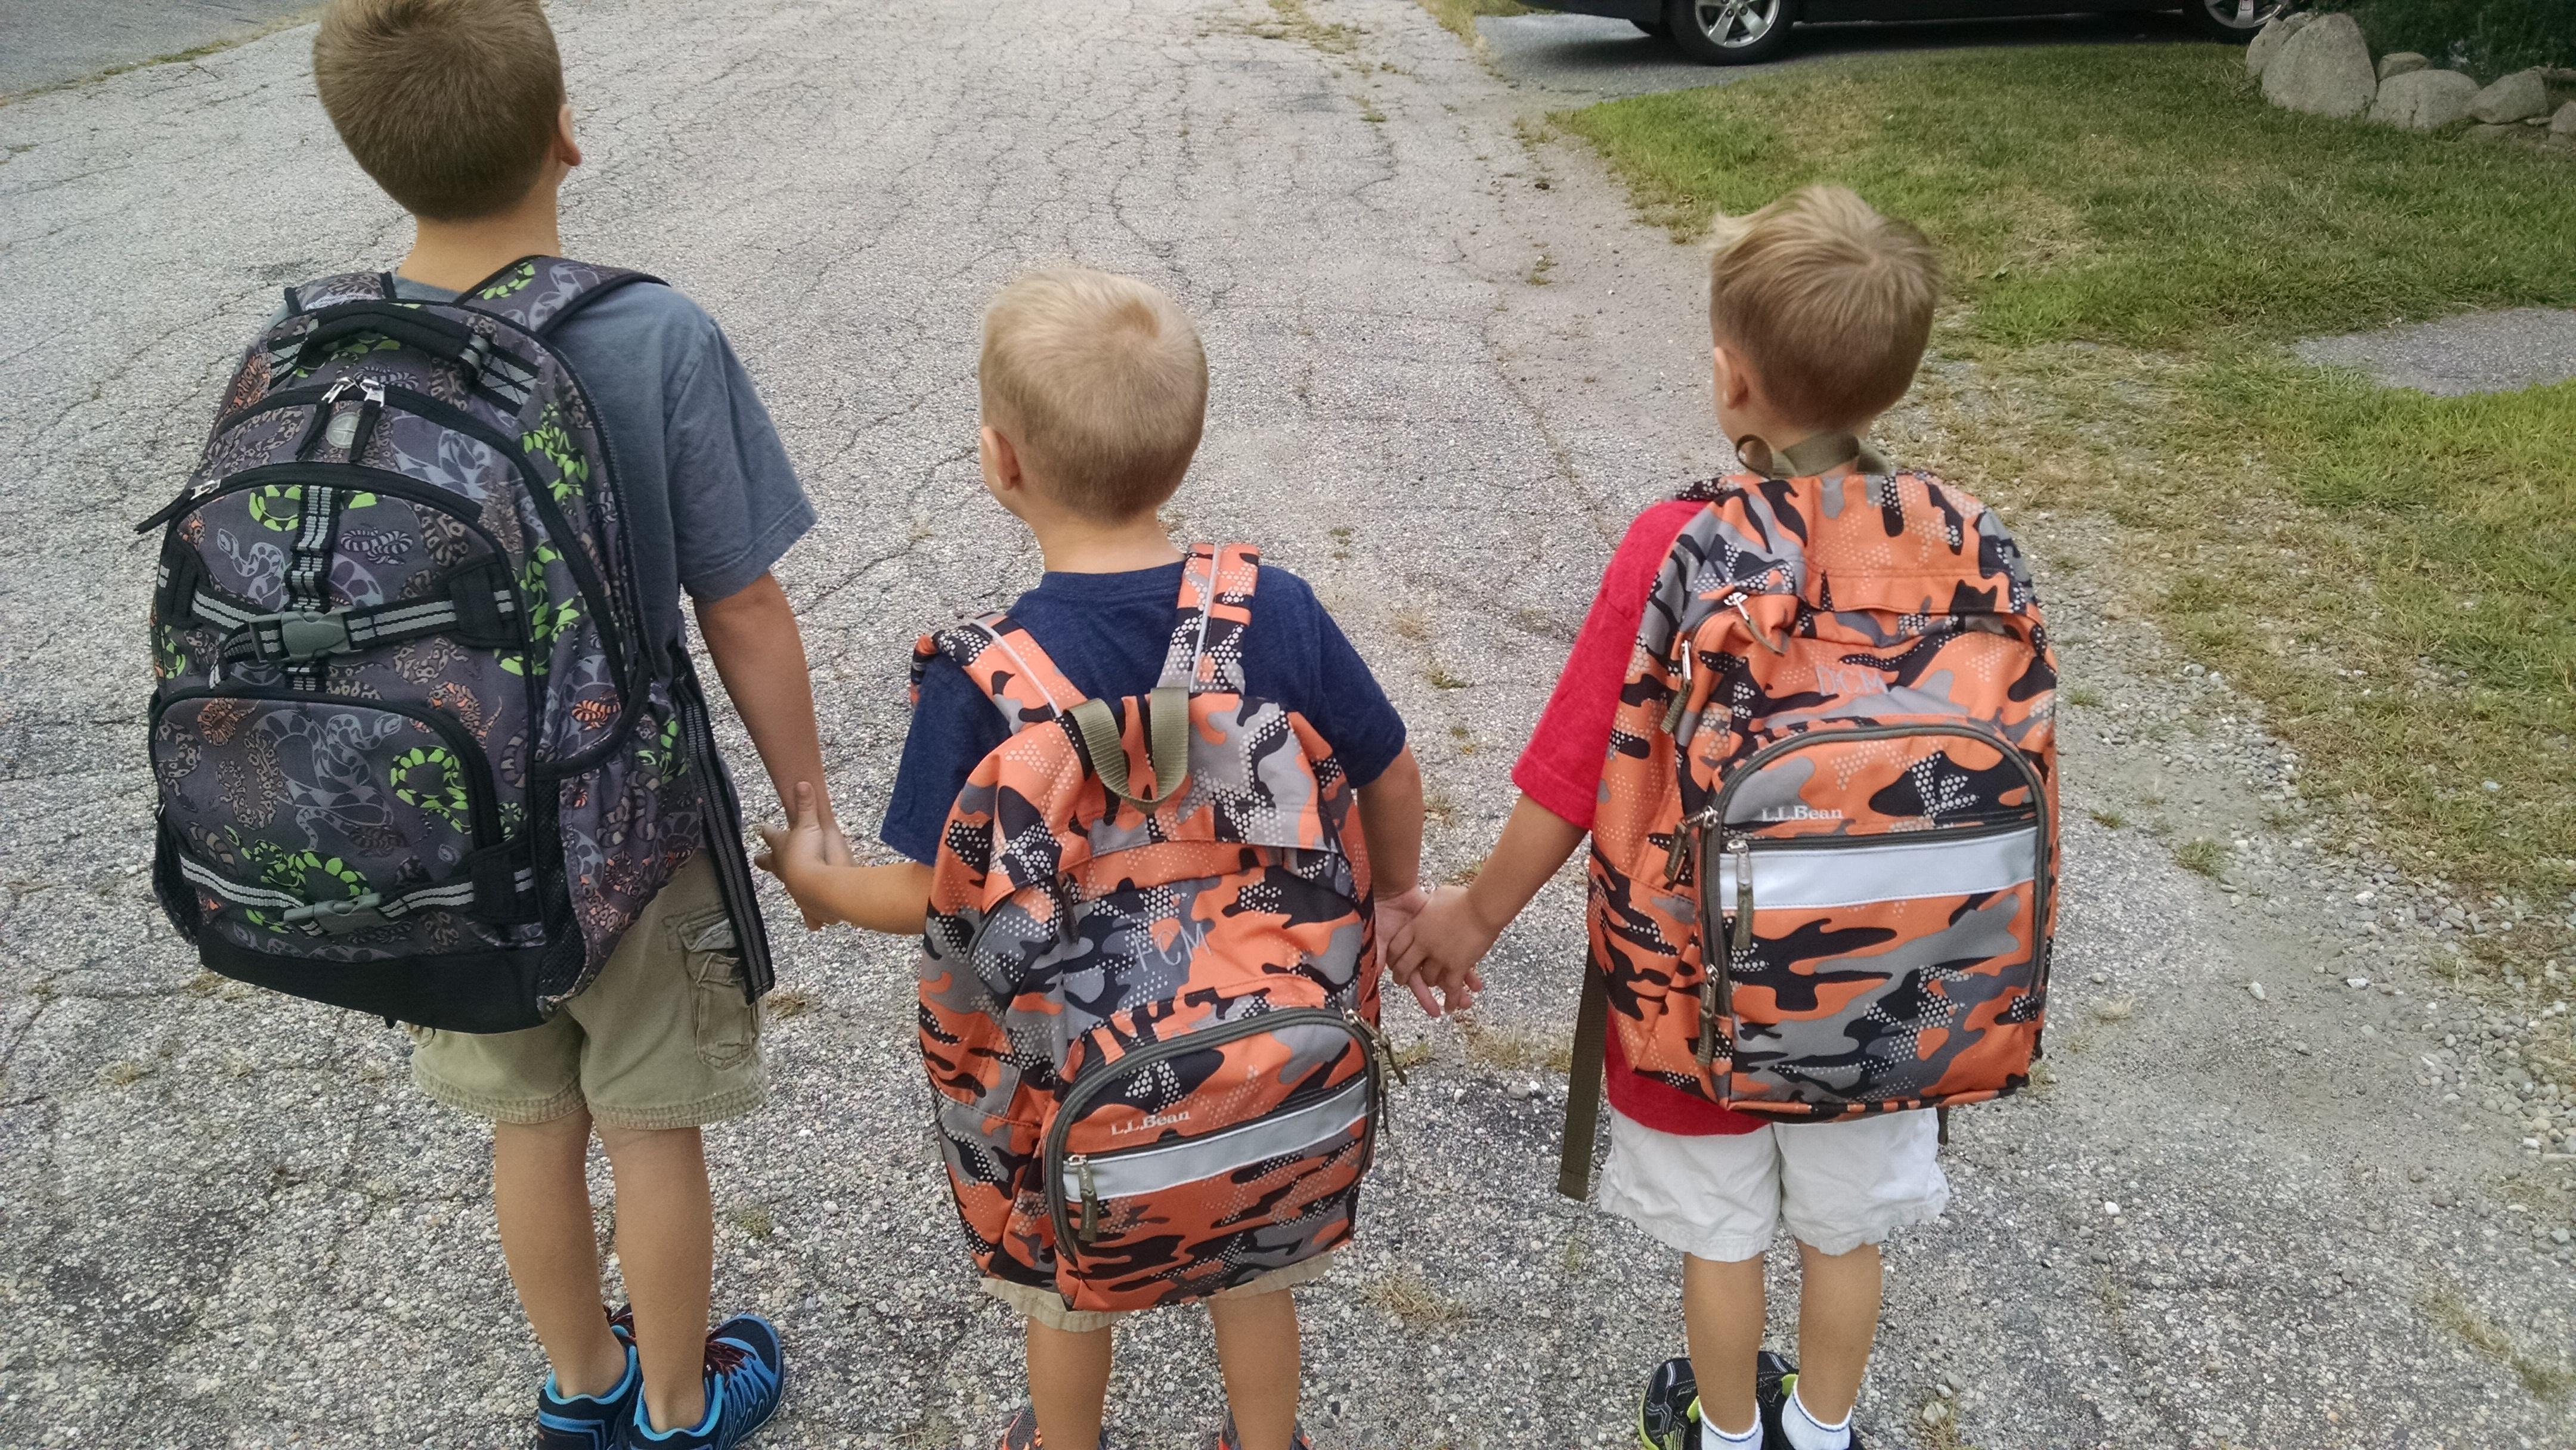 To kindergarten we go